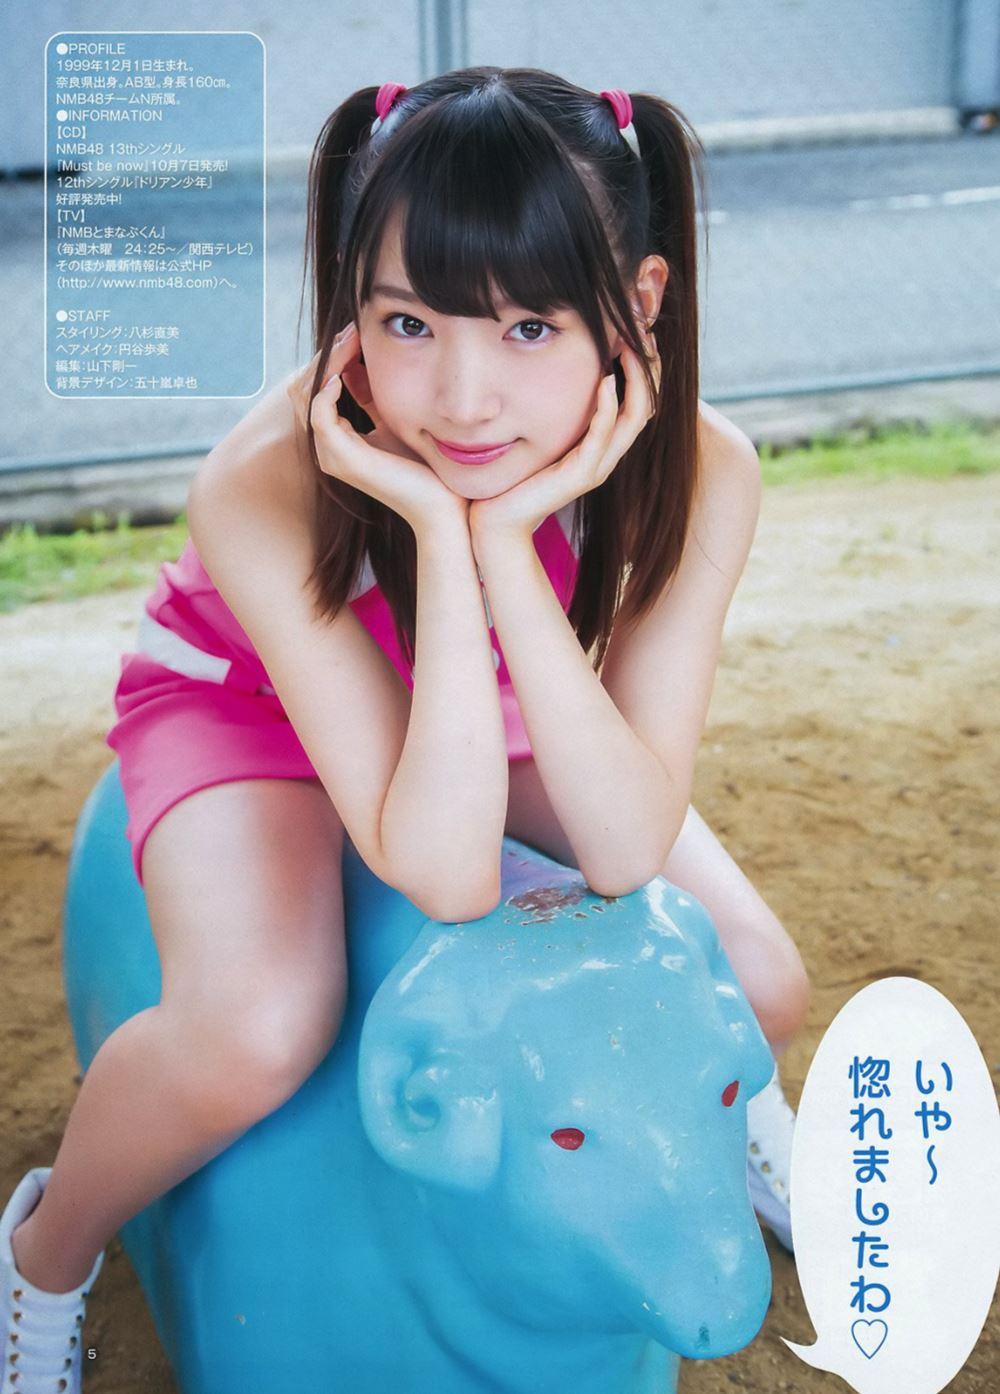 太田夢莉 1万年に1人 可愛い アイドル 水着 画像 43